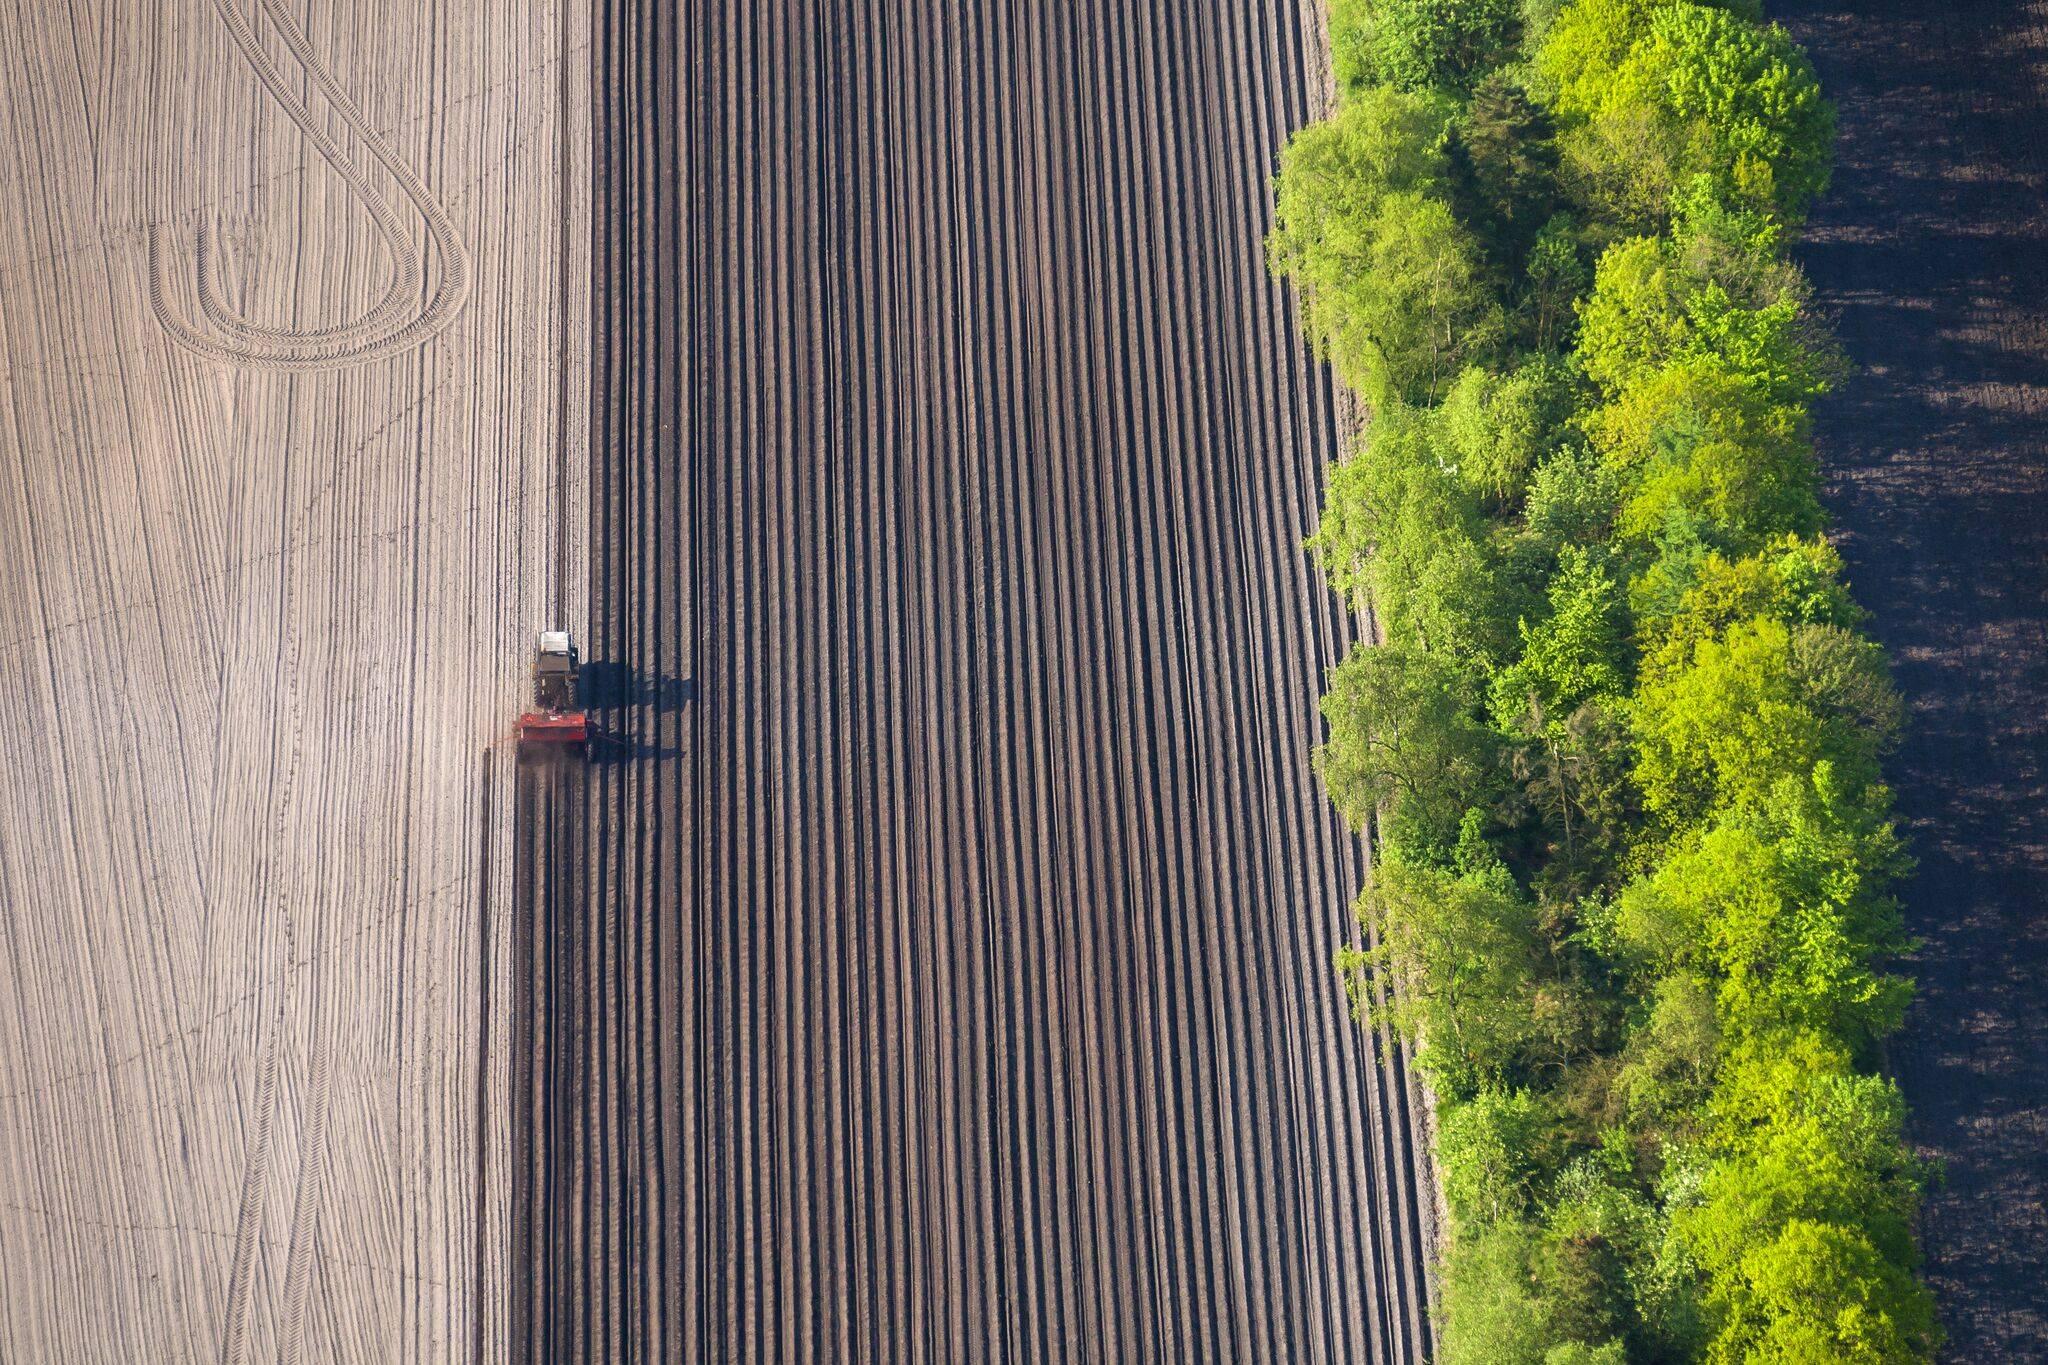 Ny EU-rapport: Danmark skraber bunden i at beskytte naturen